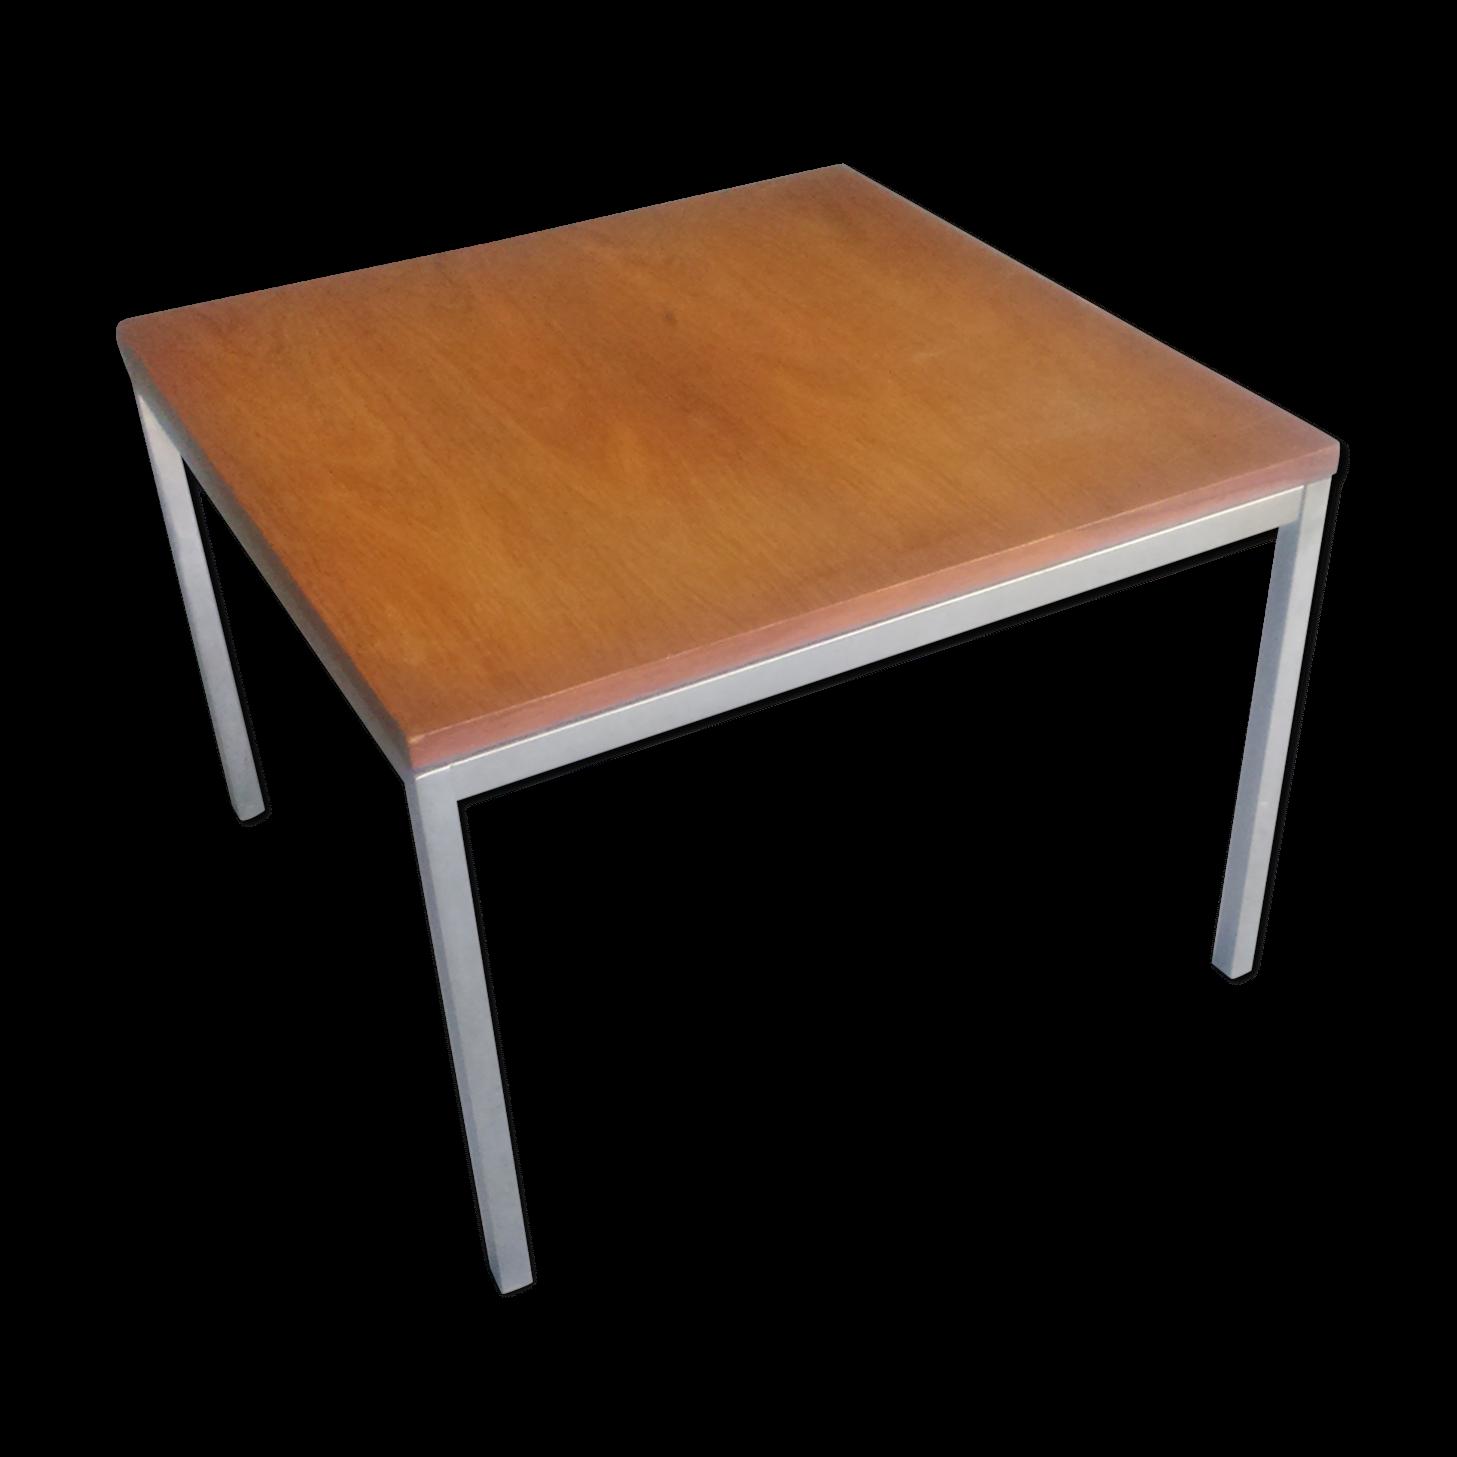 table knoll ovale bois beautiful knoll saarinen tulip. Black Bedroom Furniture Sets. Home Design Ideas